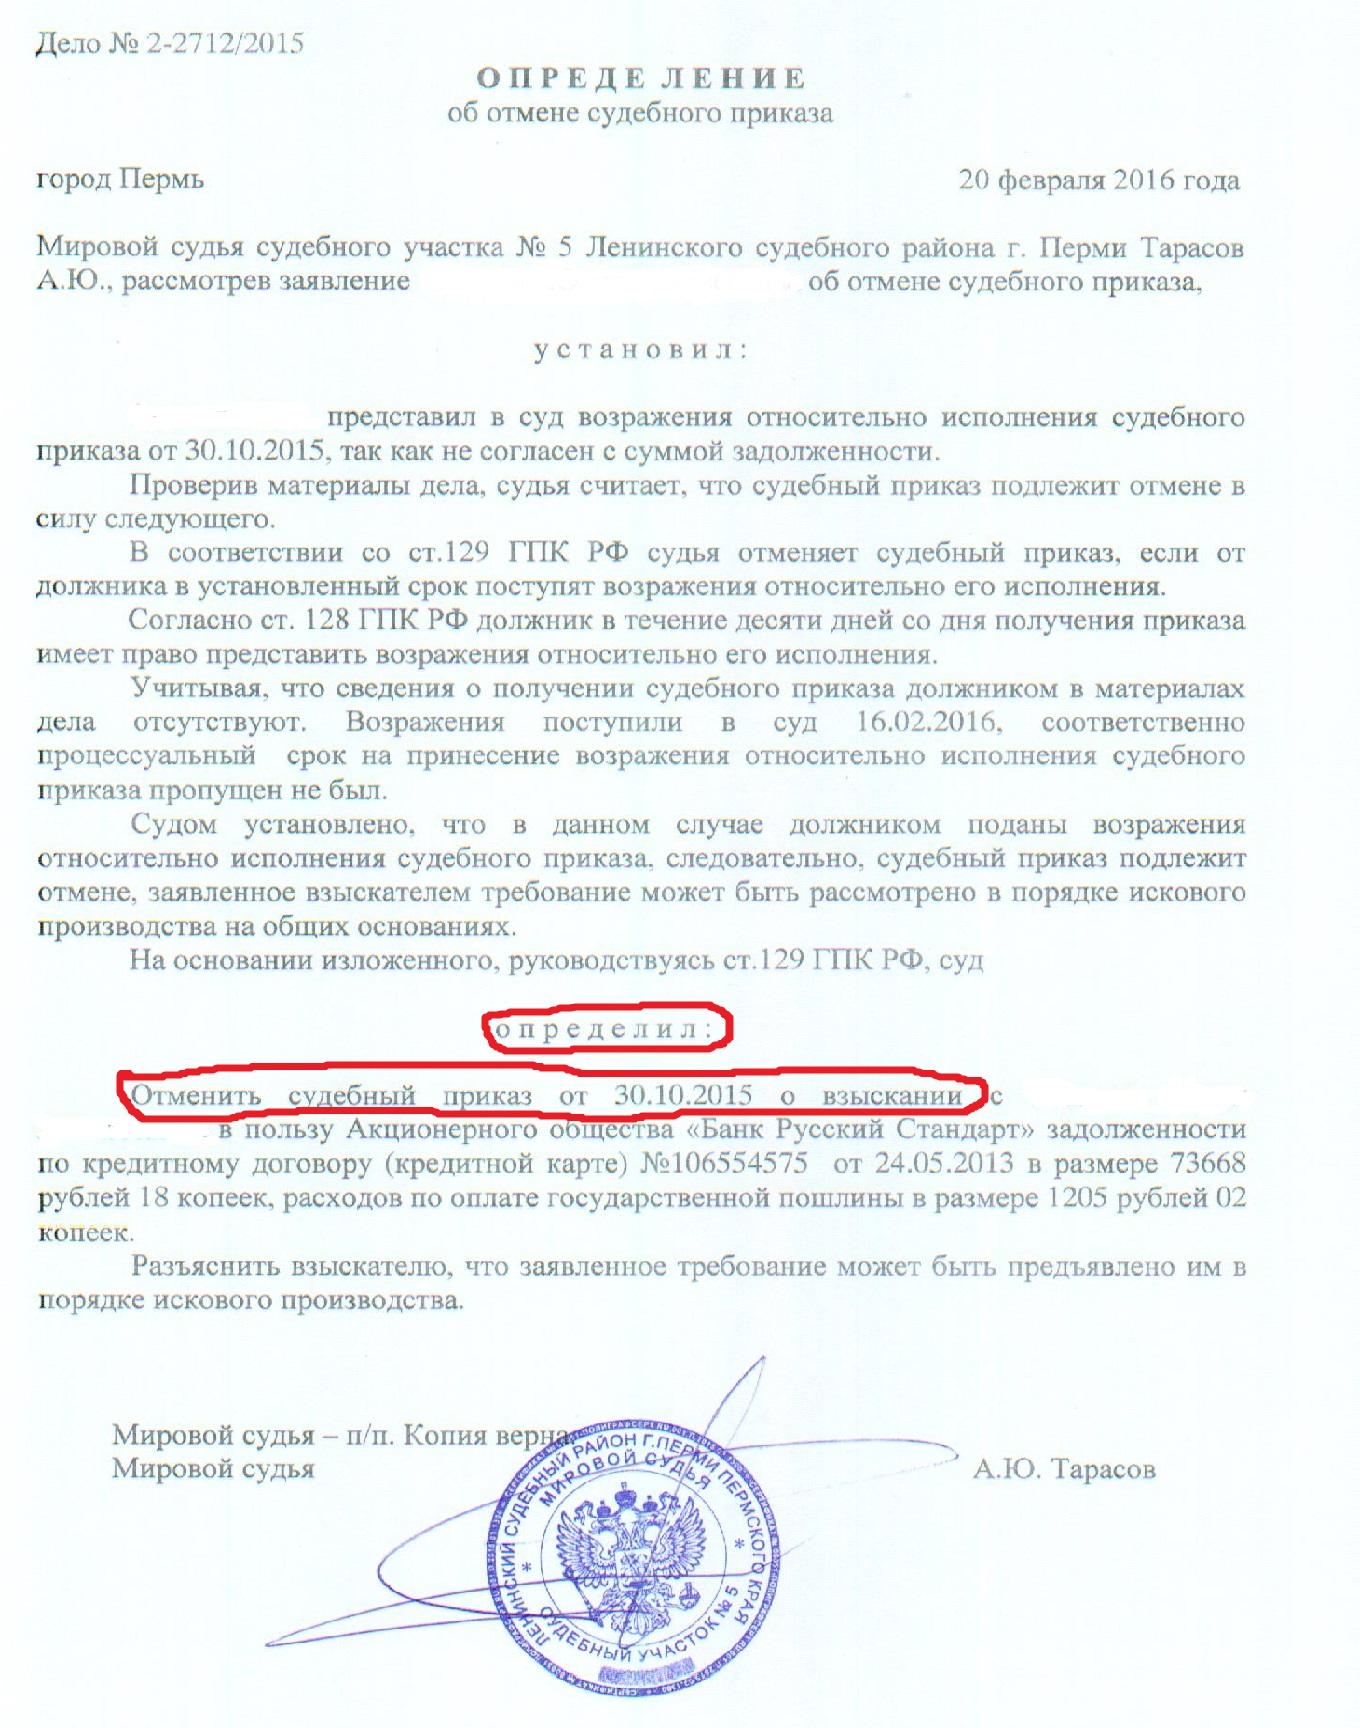 судебный приказ о взыскании по договору займа